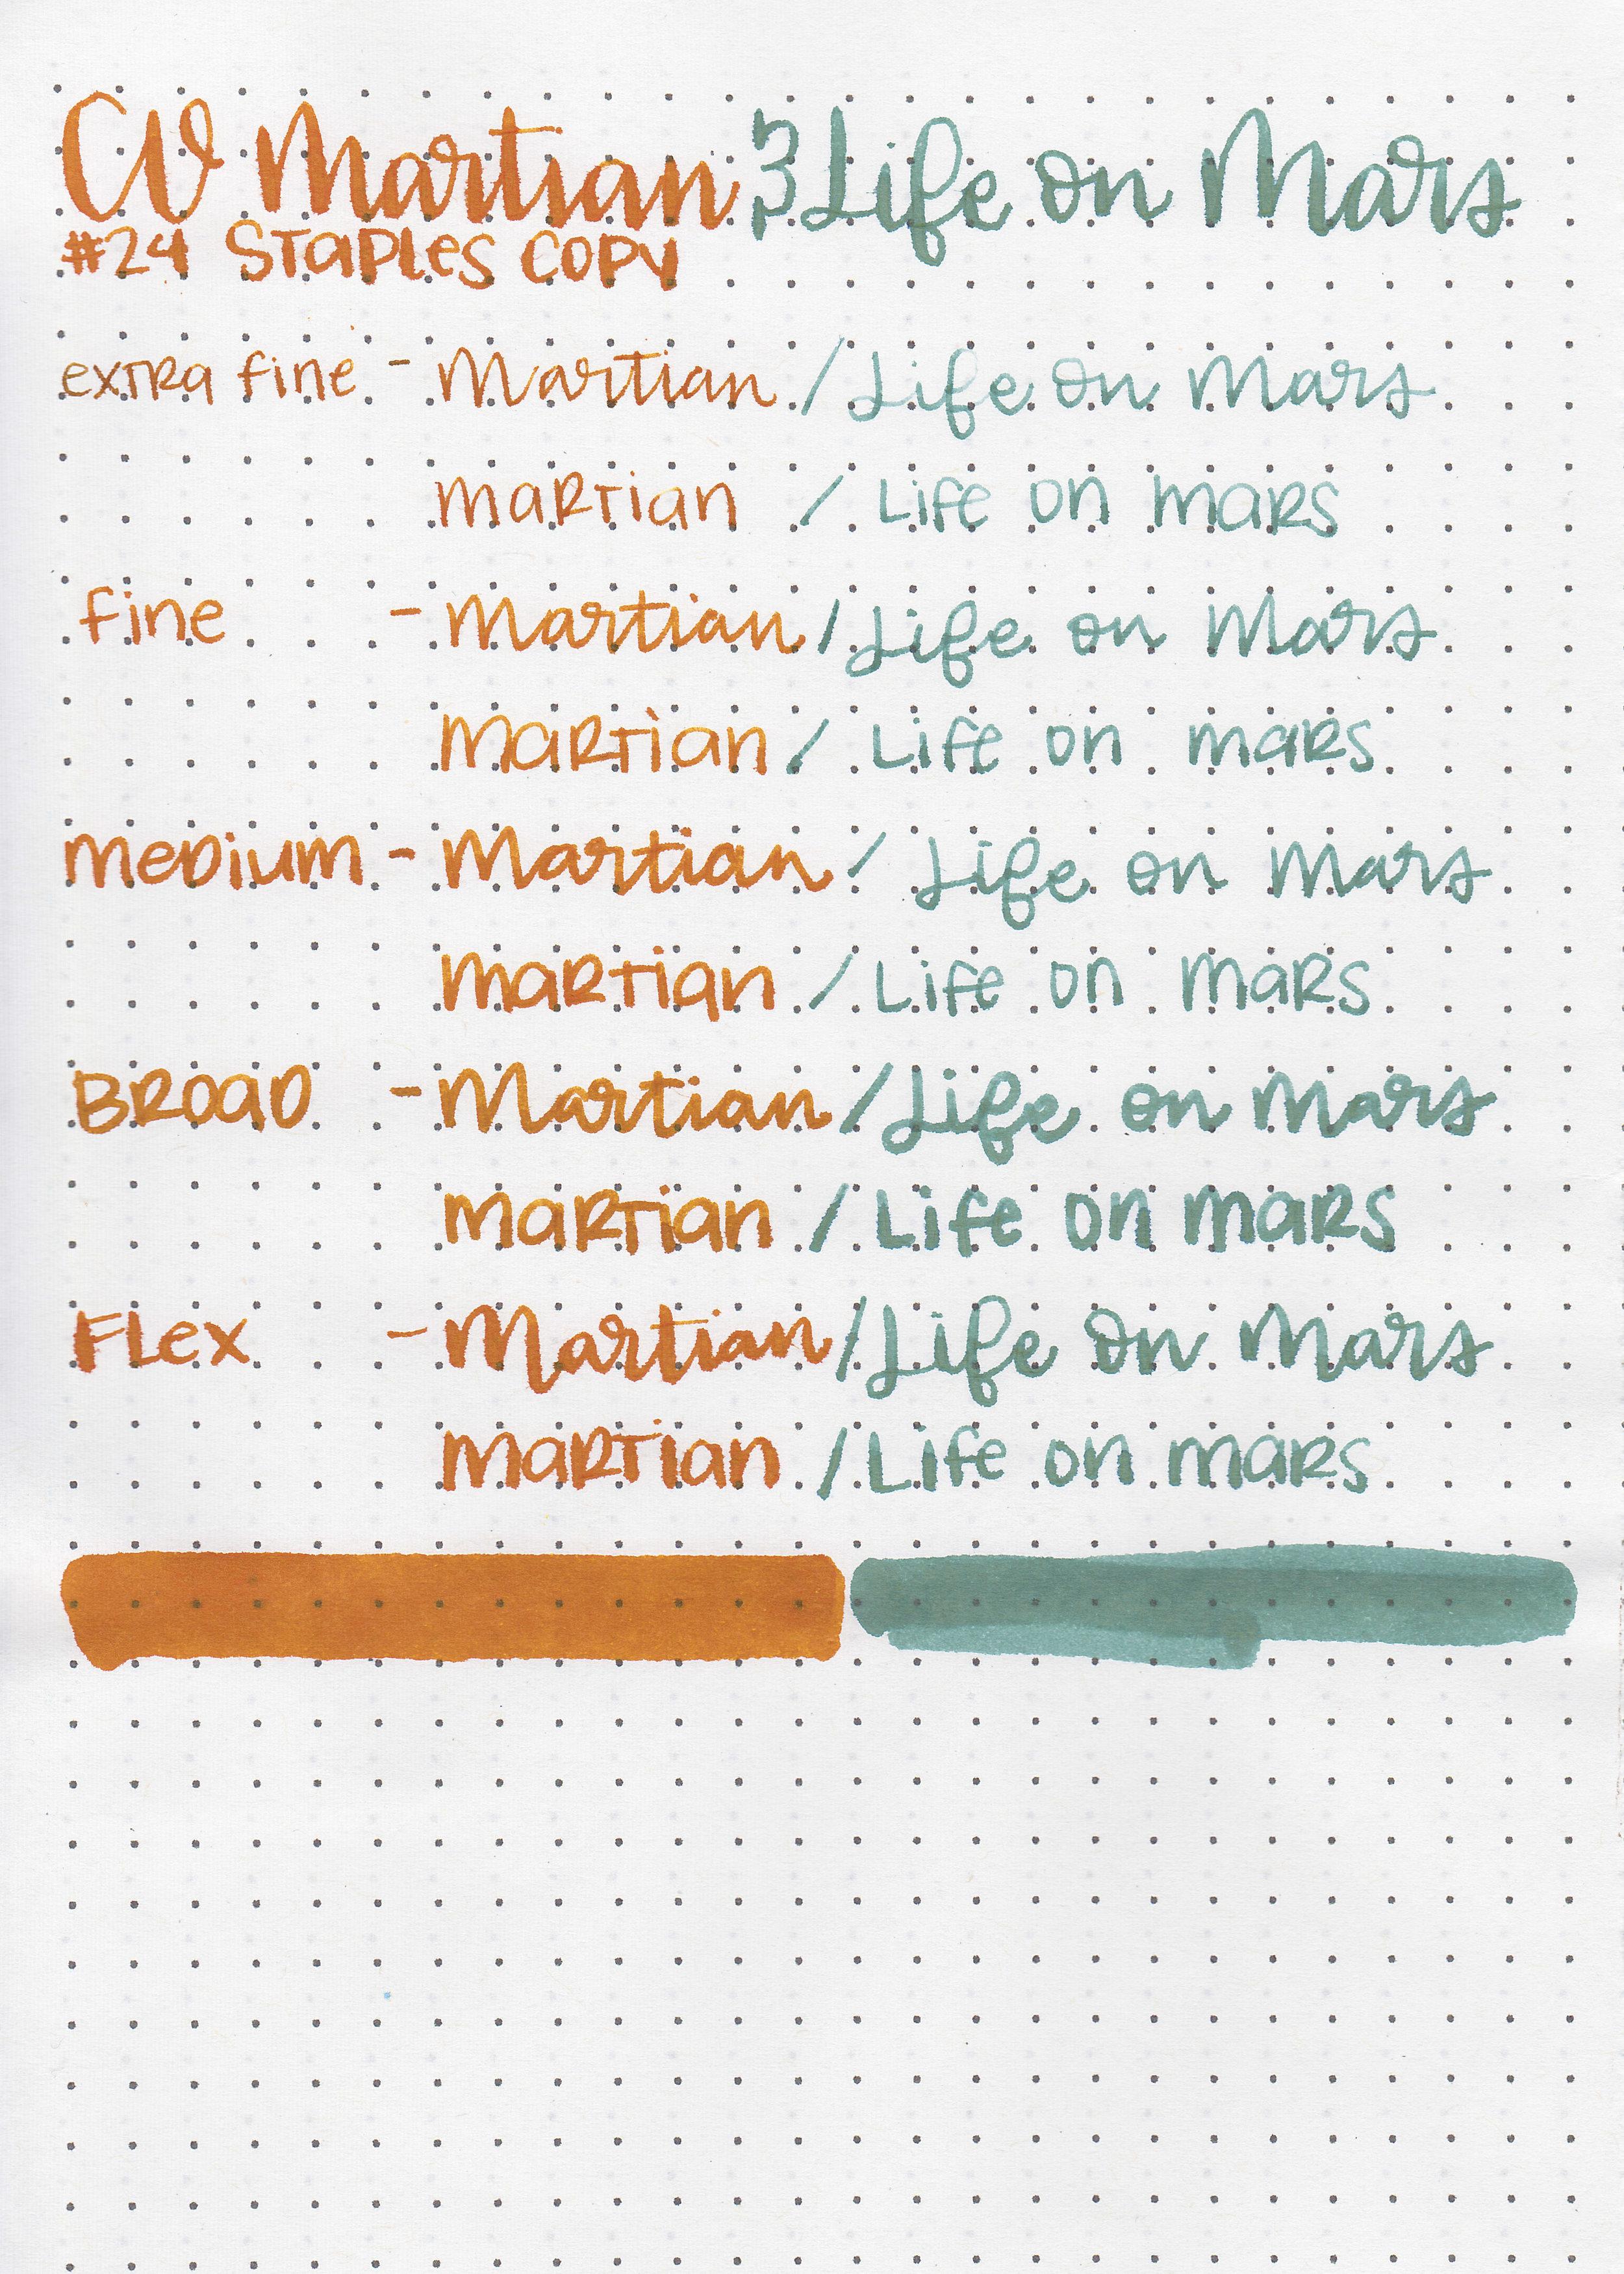 cv-martian-life-on-mars-10.jpg